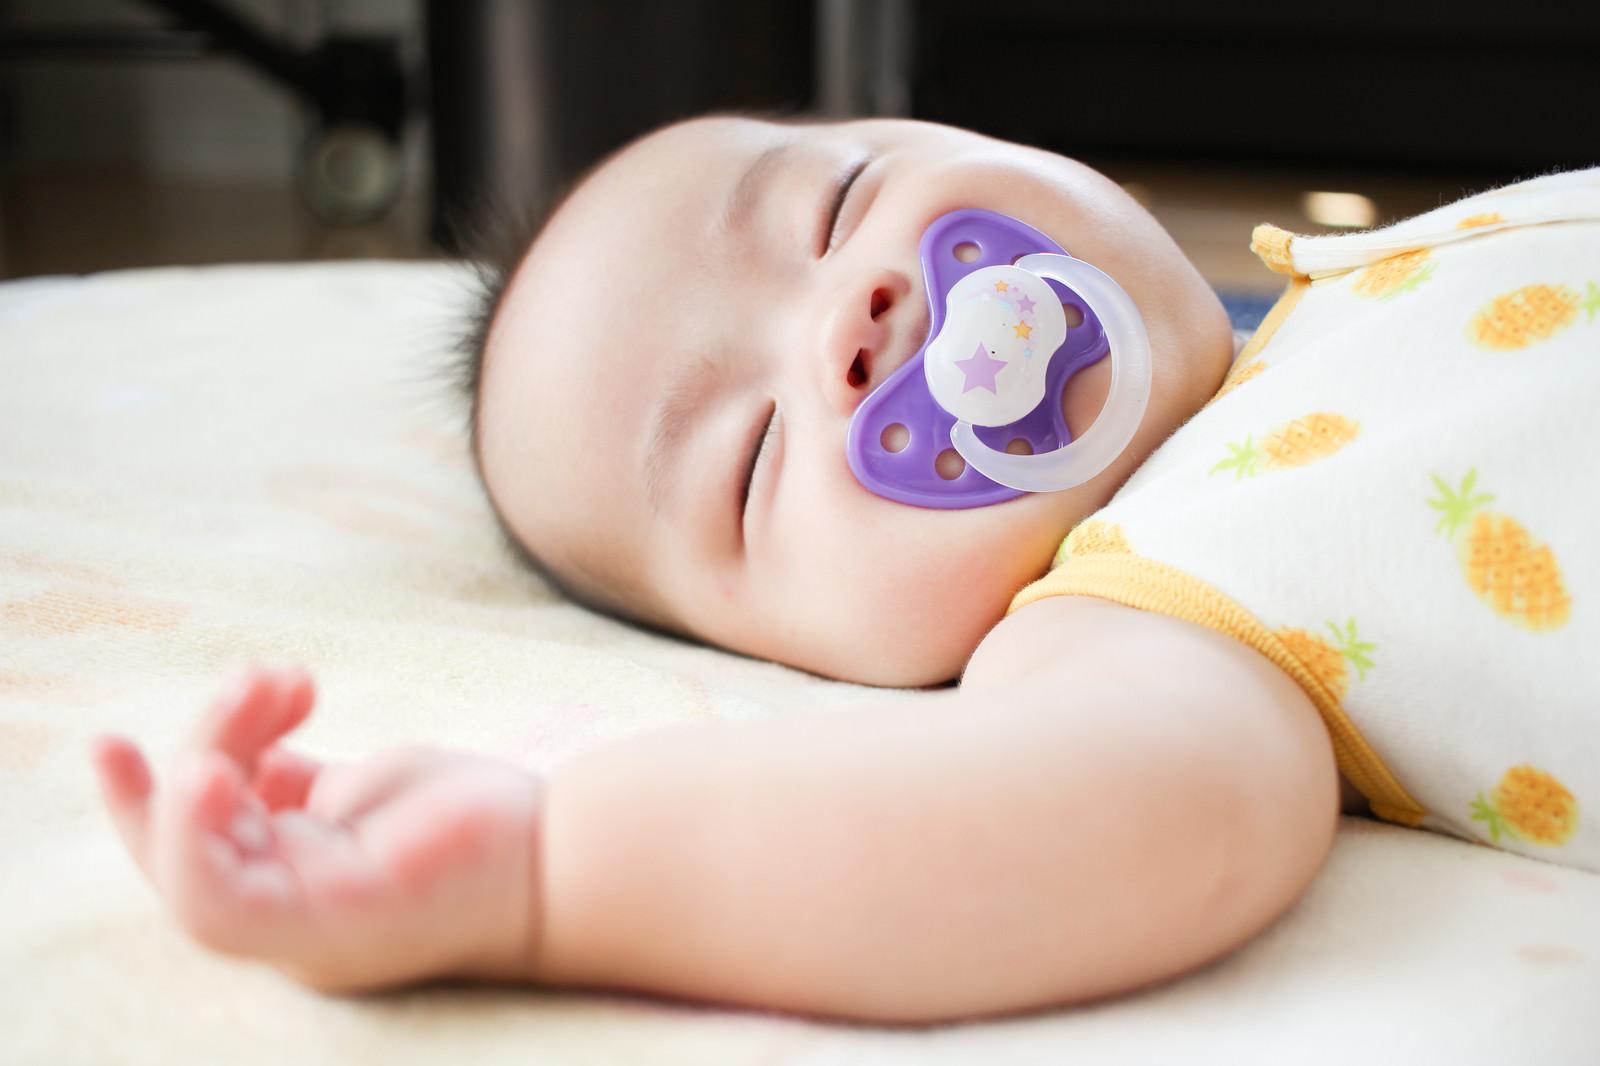 「おしゃぶりを咥えてスヤスヤ赤ちゃんおしゃぶりを咥えてスヤスヤ赤ちゃん」のフリー写真素材を拡大